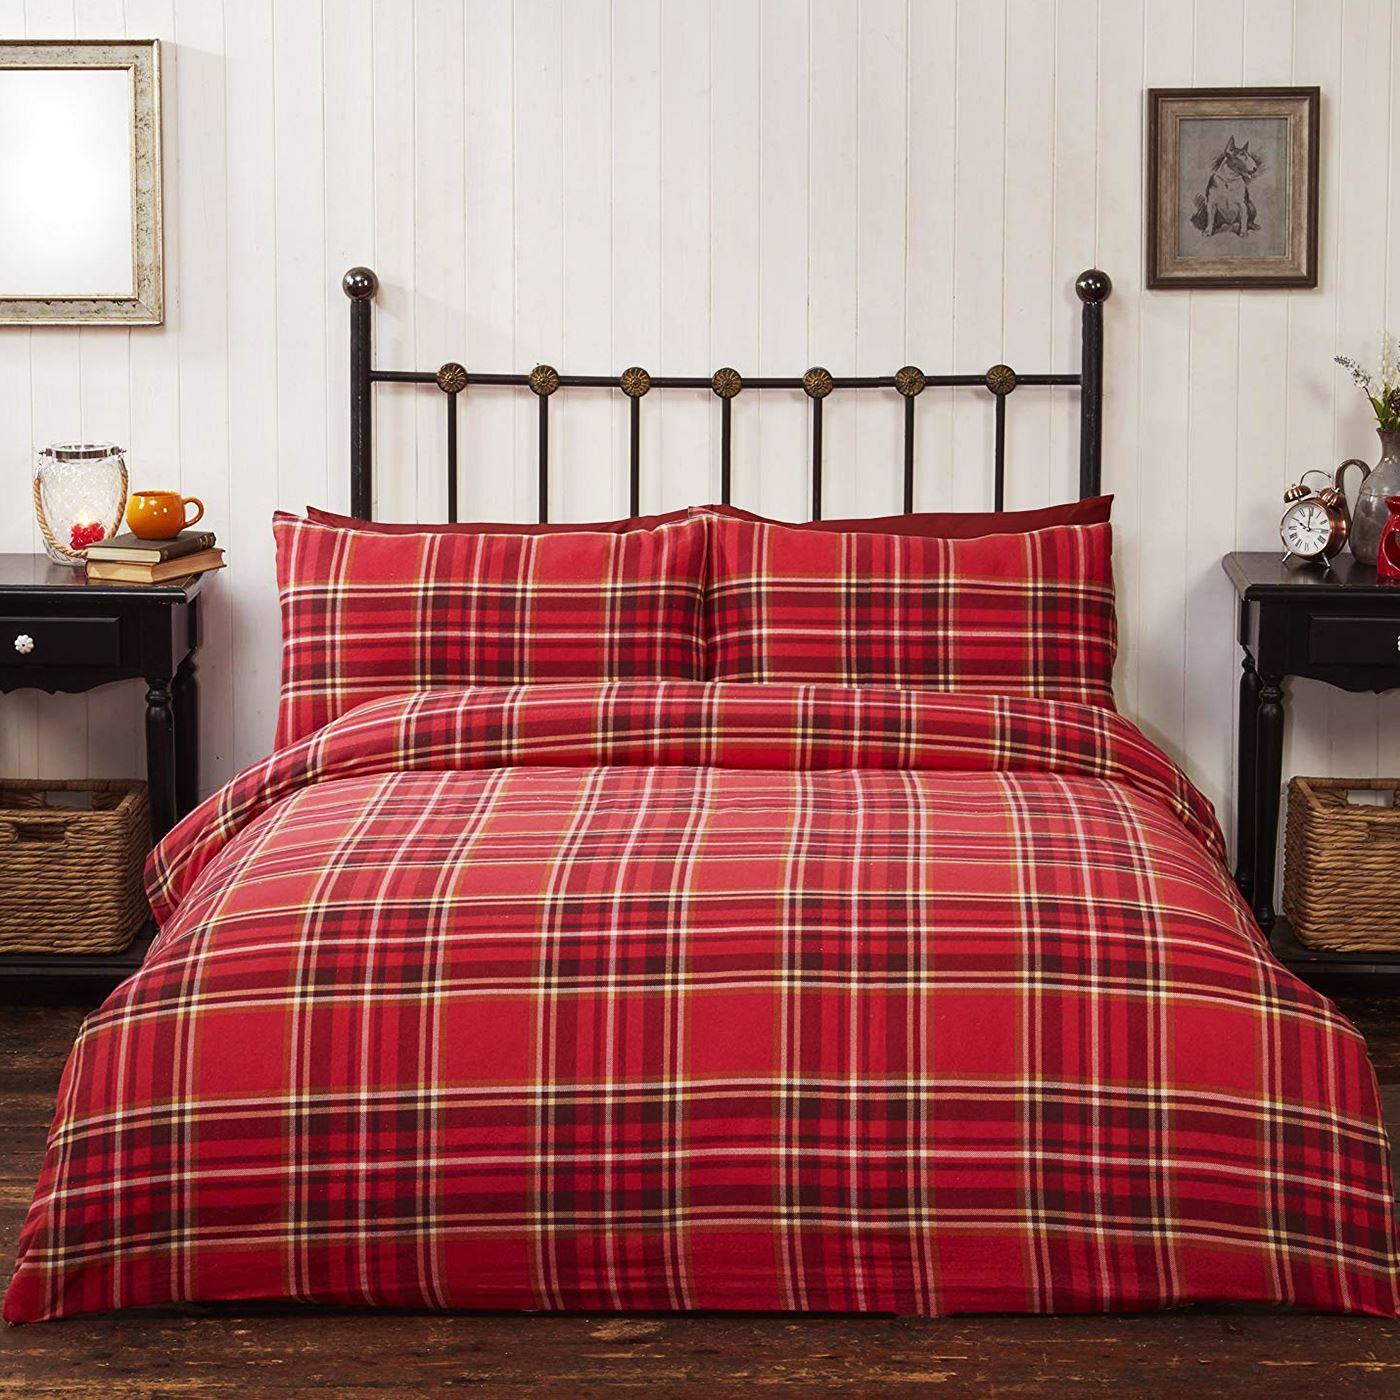 weihnachten festliche bettbezug sets bettw sche erwachsene einzeln doppel ebay. Black Bedroom Furniture Sets. Home Design Ideas